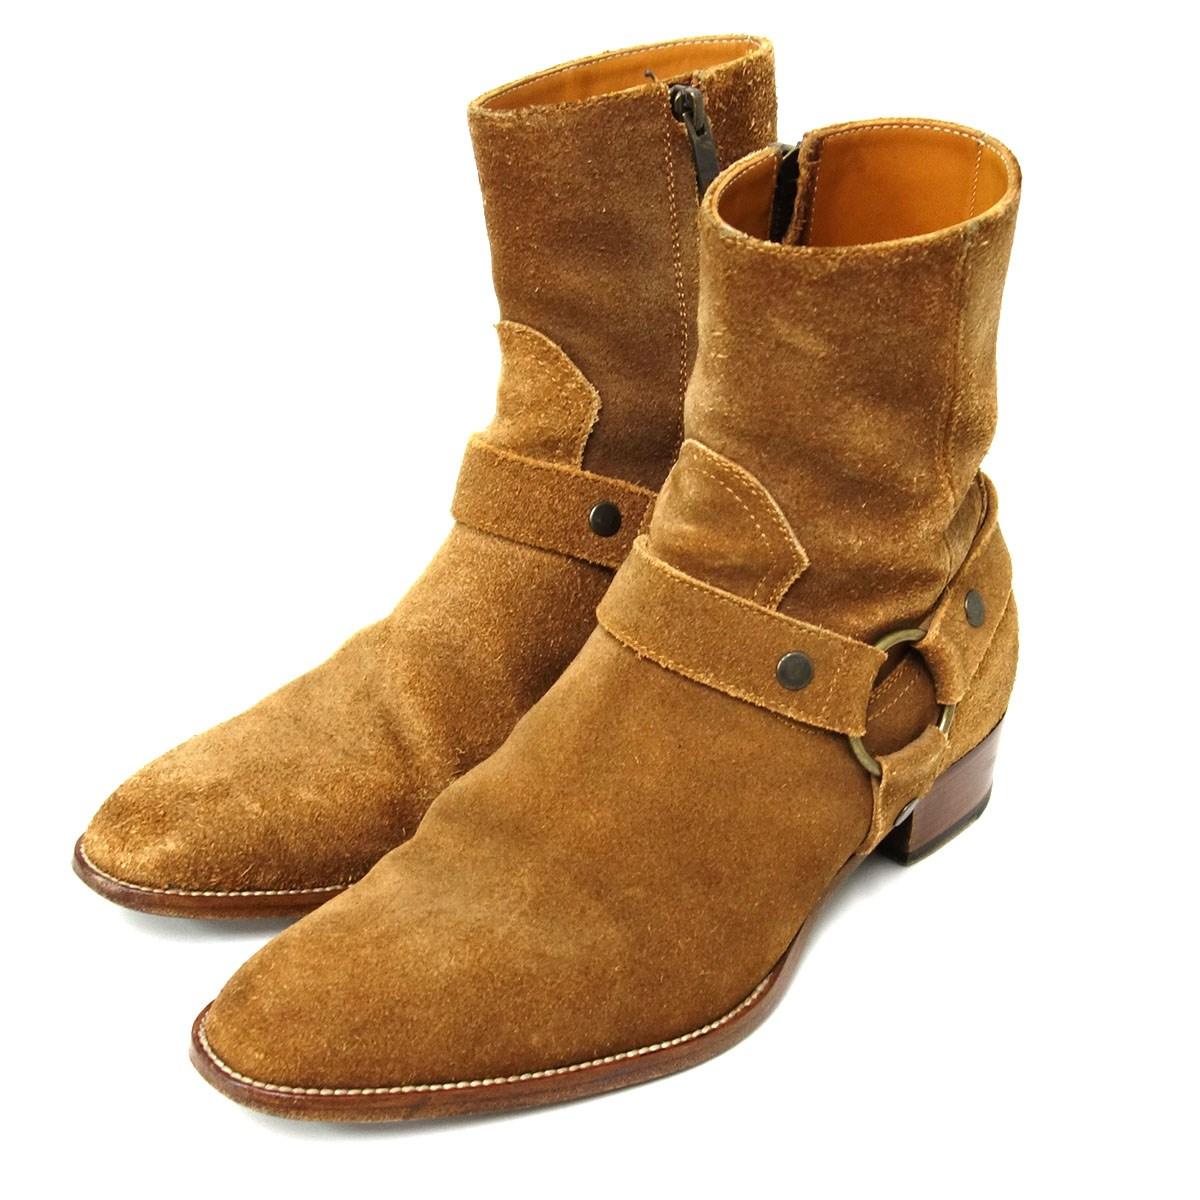 人気が高い 【】SAINT LAURENT ワイアットハーネススウェードリングブーツ PARIS 15SS PARIS 15SS 379755【】SAINT ワイアットハーネススウェードリングブーツ ベージュ サイズ:39 1/2(24.5cm)【230920】(サンローランパリ), Shoe Quest:29646a9b --- tts.ageofracing.com